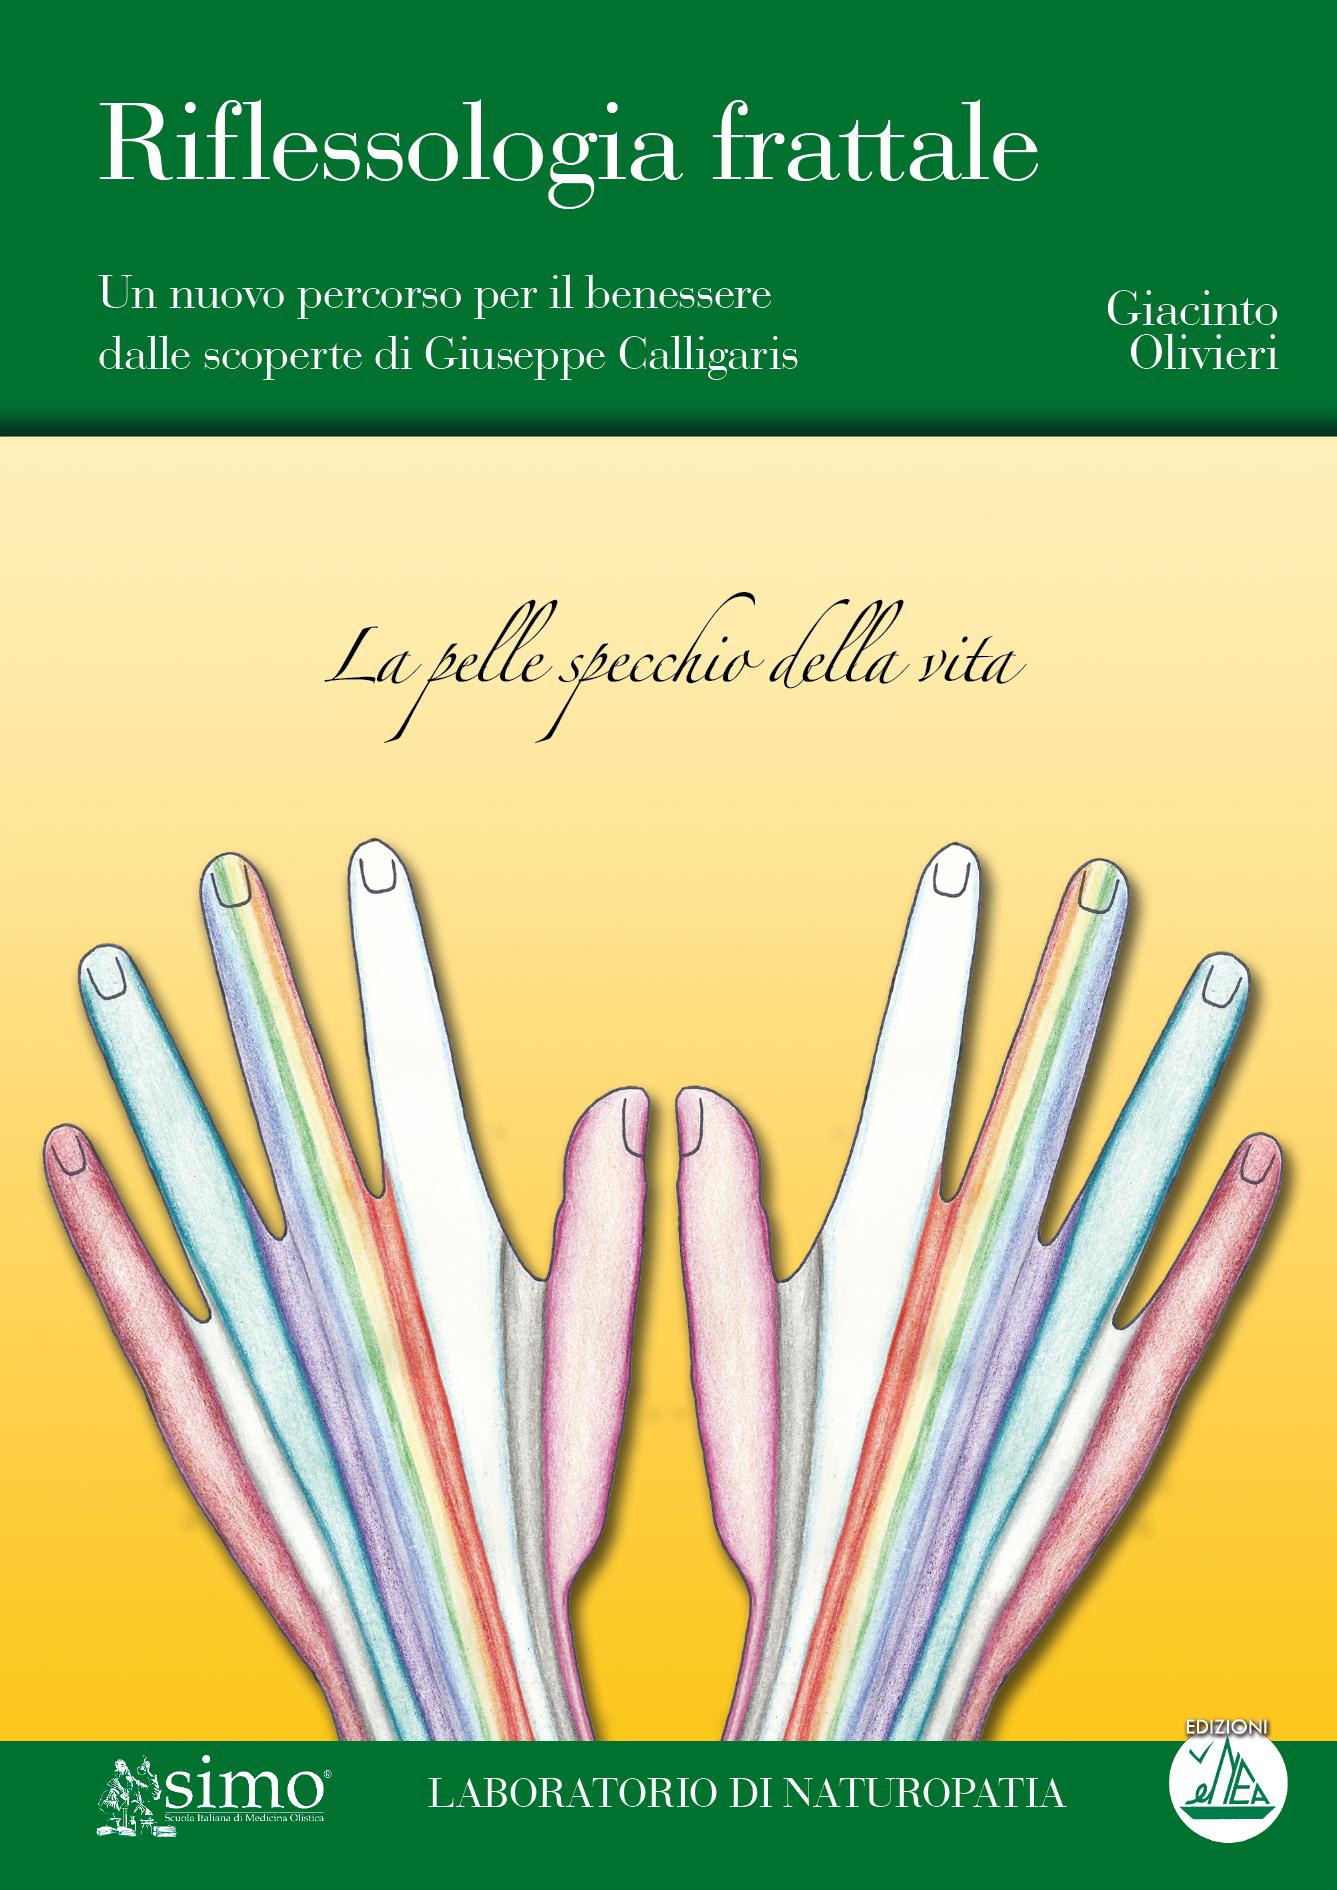 Riflessologia frattale edizioni enea for Calligaris giuseppe